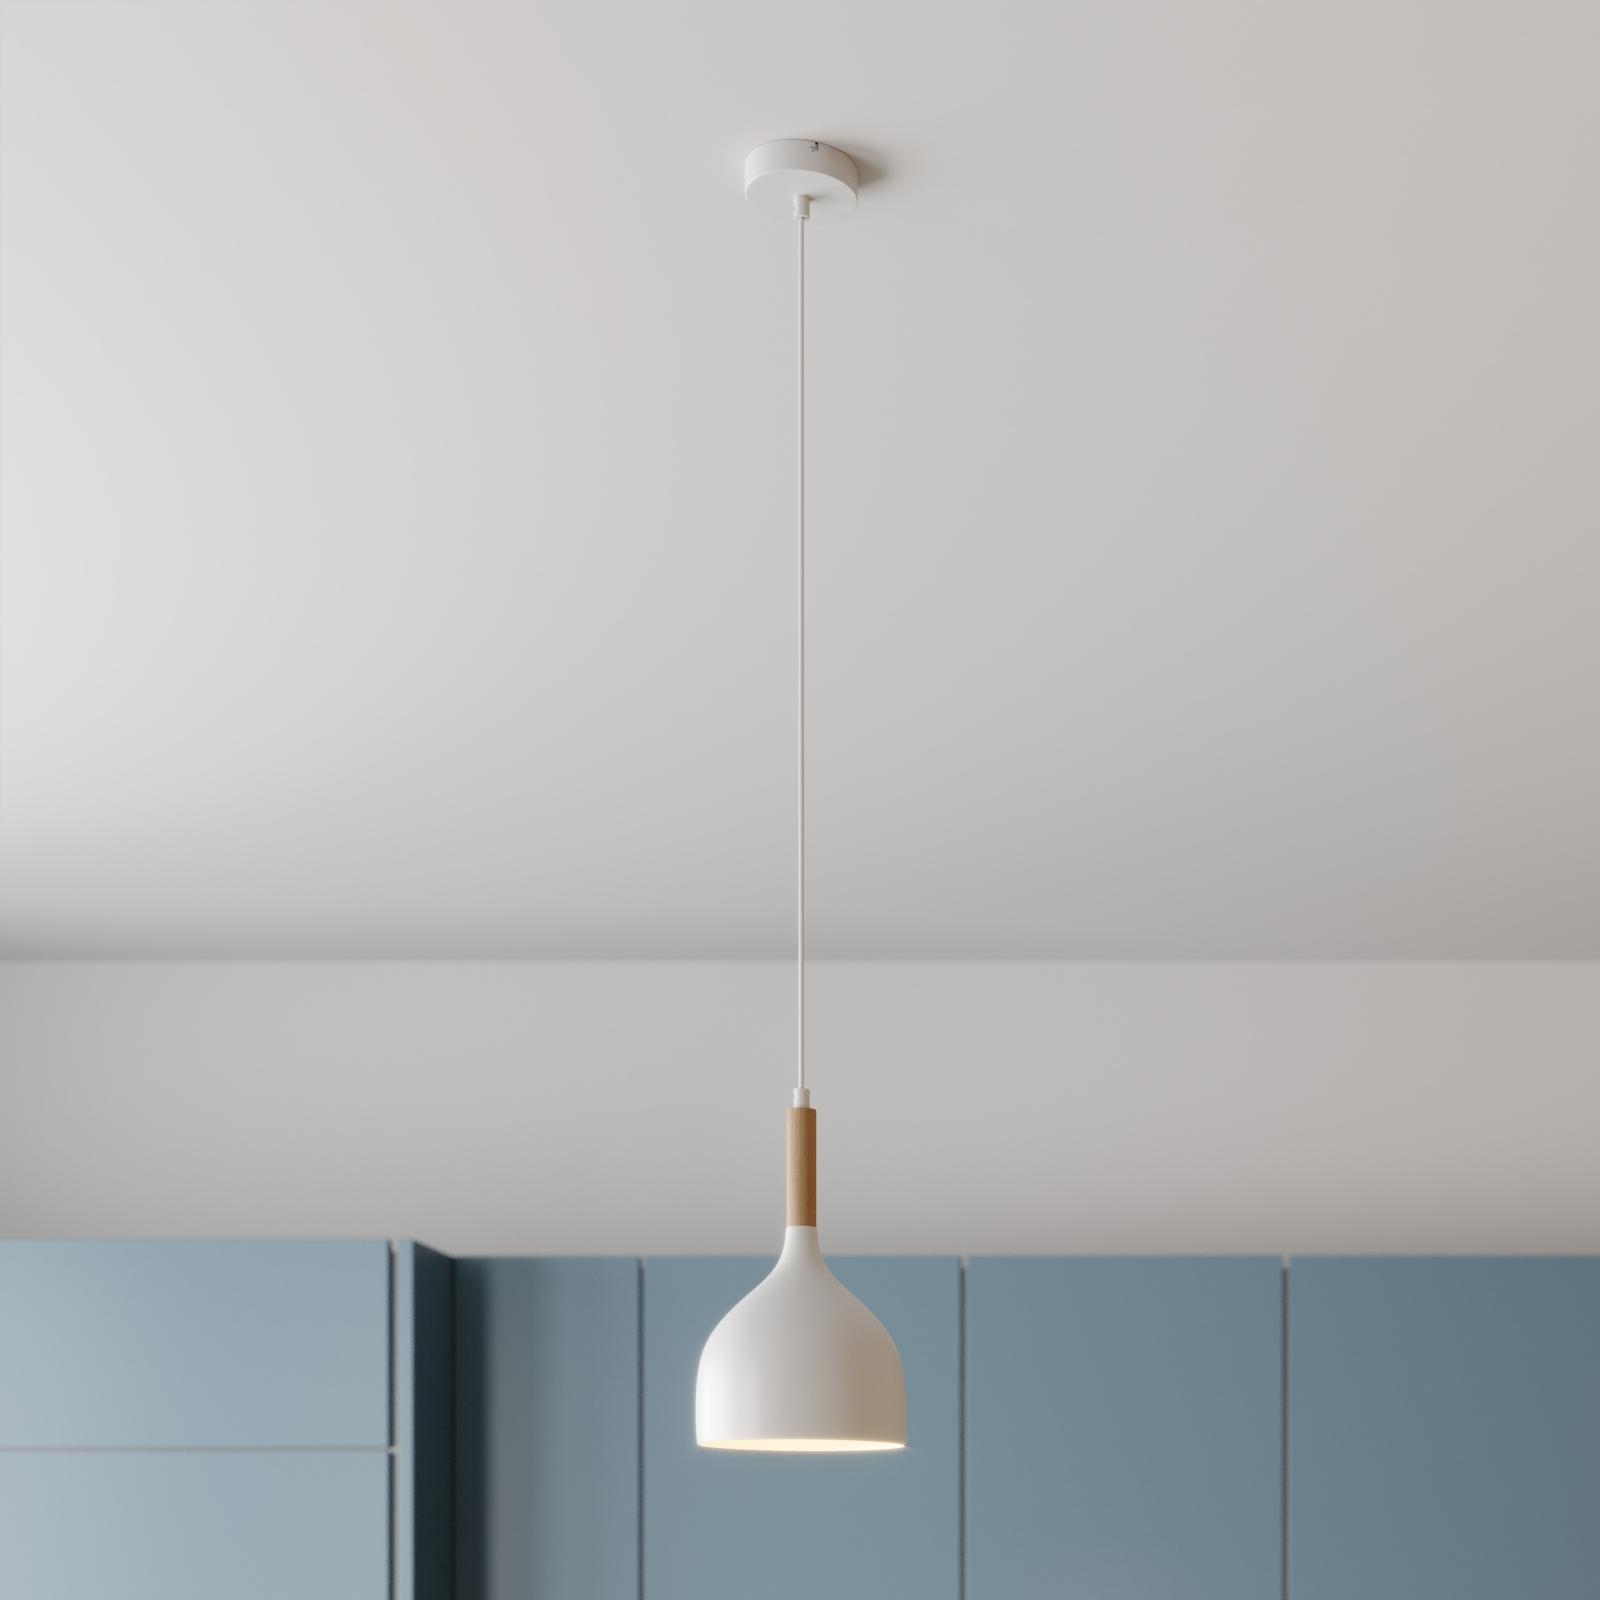 Lampa wisząca Noak 1-pkt. biała/drewno naturalne